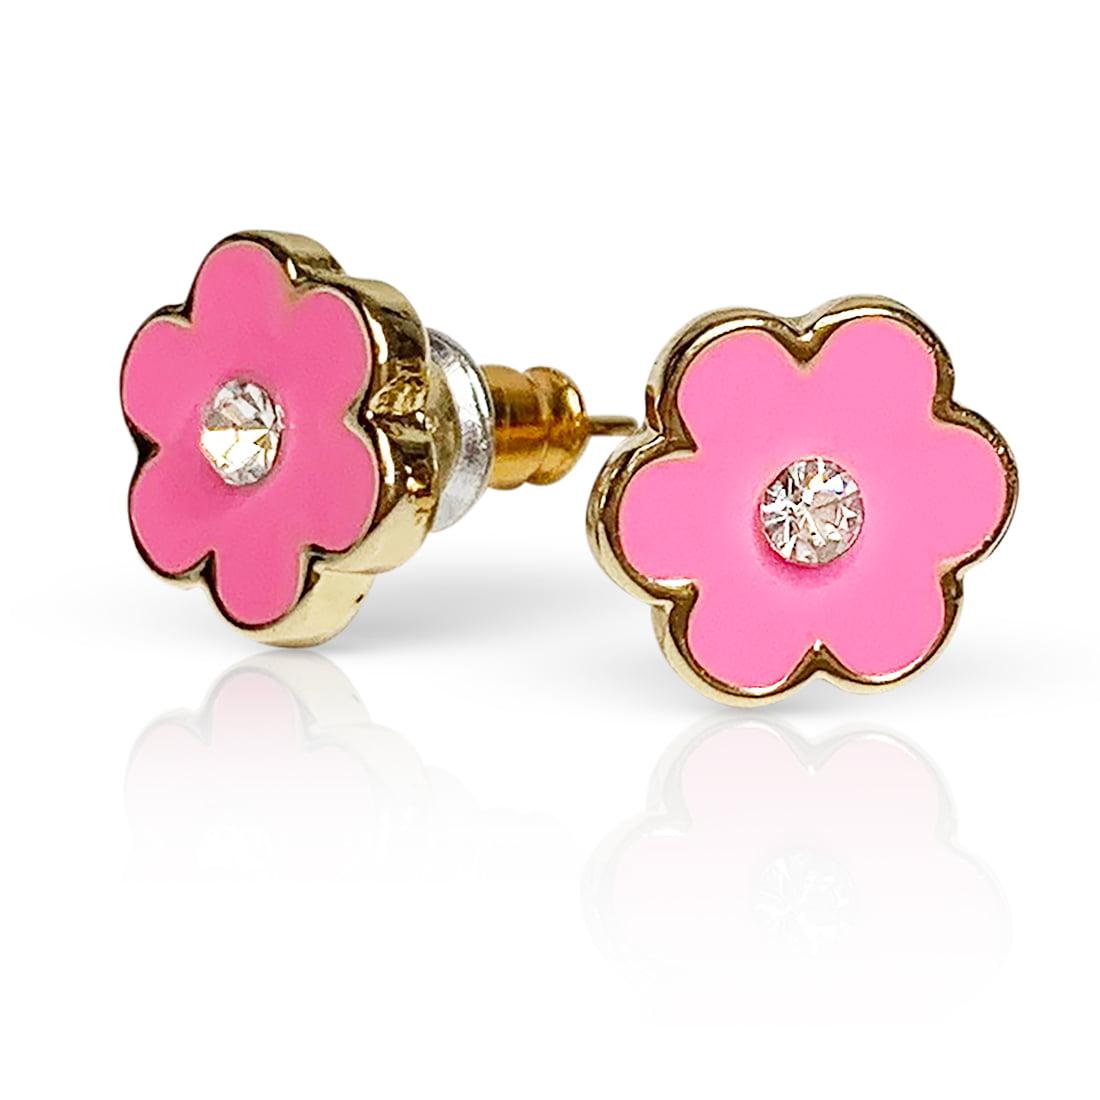 A Touch of Dazzle - Pink Flower Girls' Stud Earrings - Kids Jewelry Flower  Earrings - Toddler Jewelry For Girls Little Girls Jewelry - Flower Stud  Earrings Cute Earrings Girls Earrings -